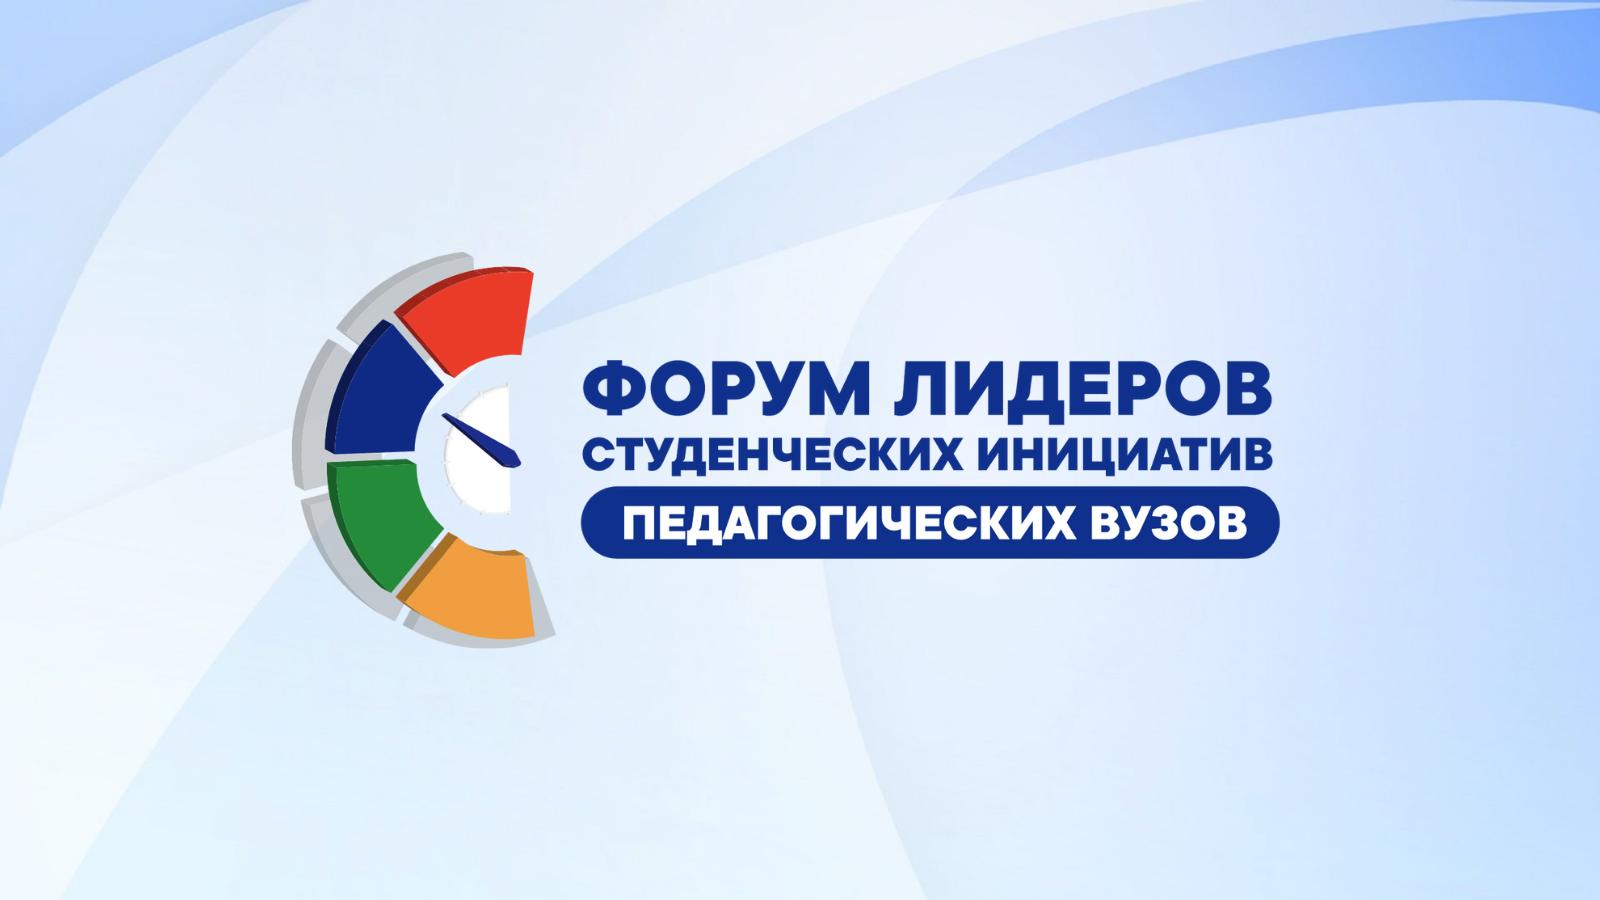 Стартовал прием заявок на Форум лидеров студенческих инициатив педагогических вузов